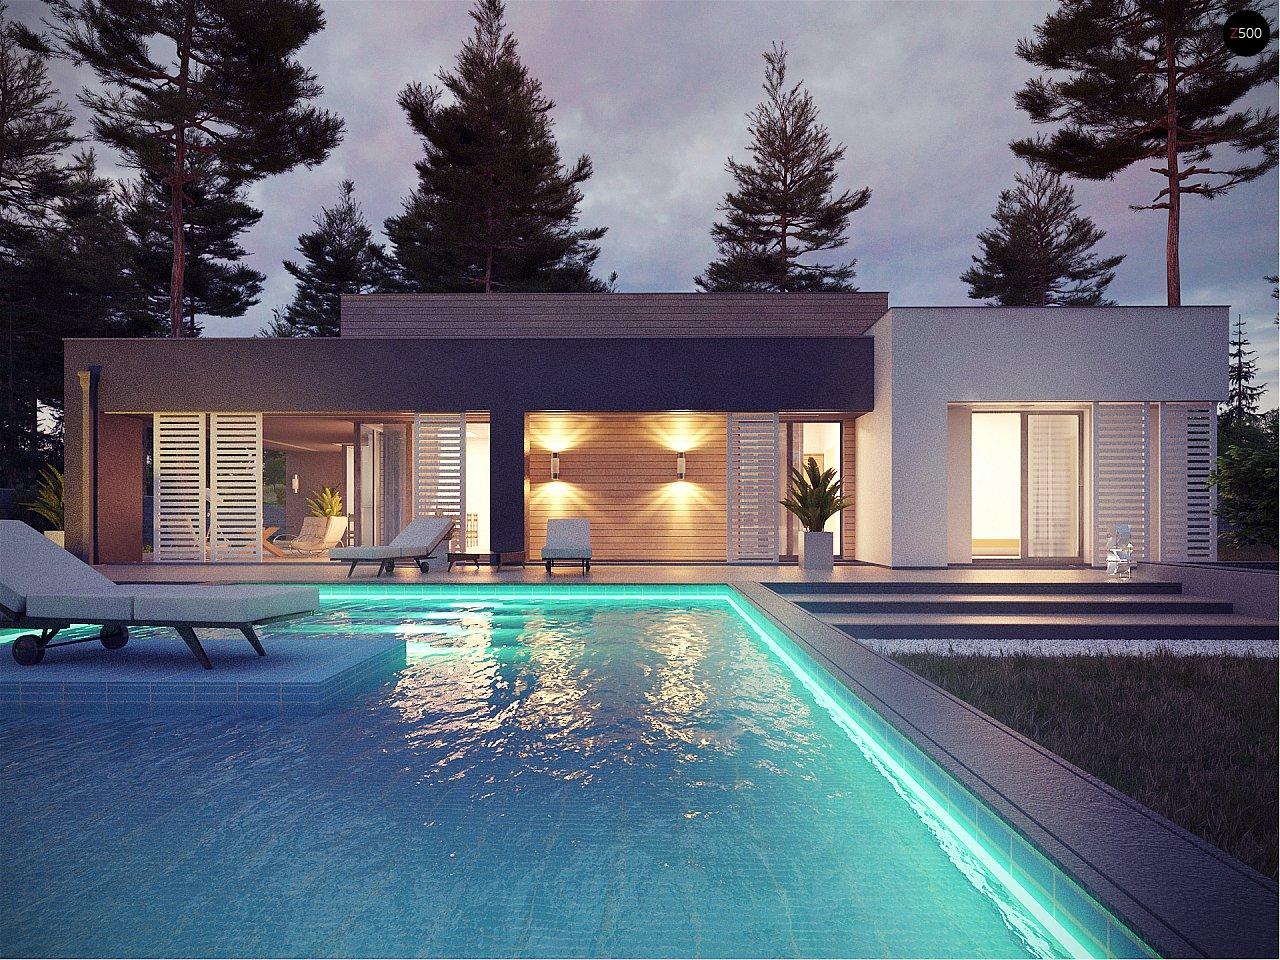 Одноэтажный дом в стиле хай-тек с плоской кровлей и большой площадью остекления. 2